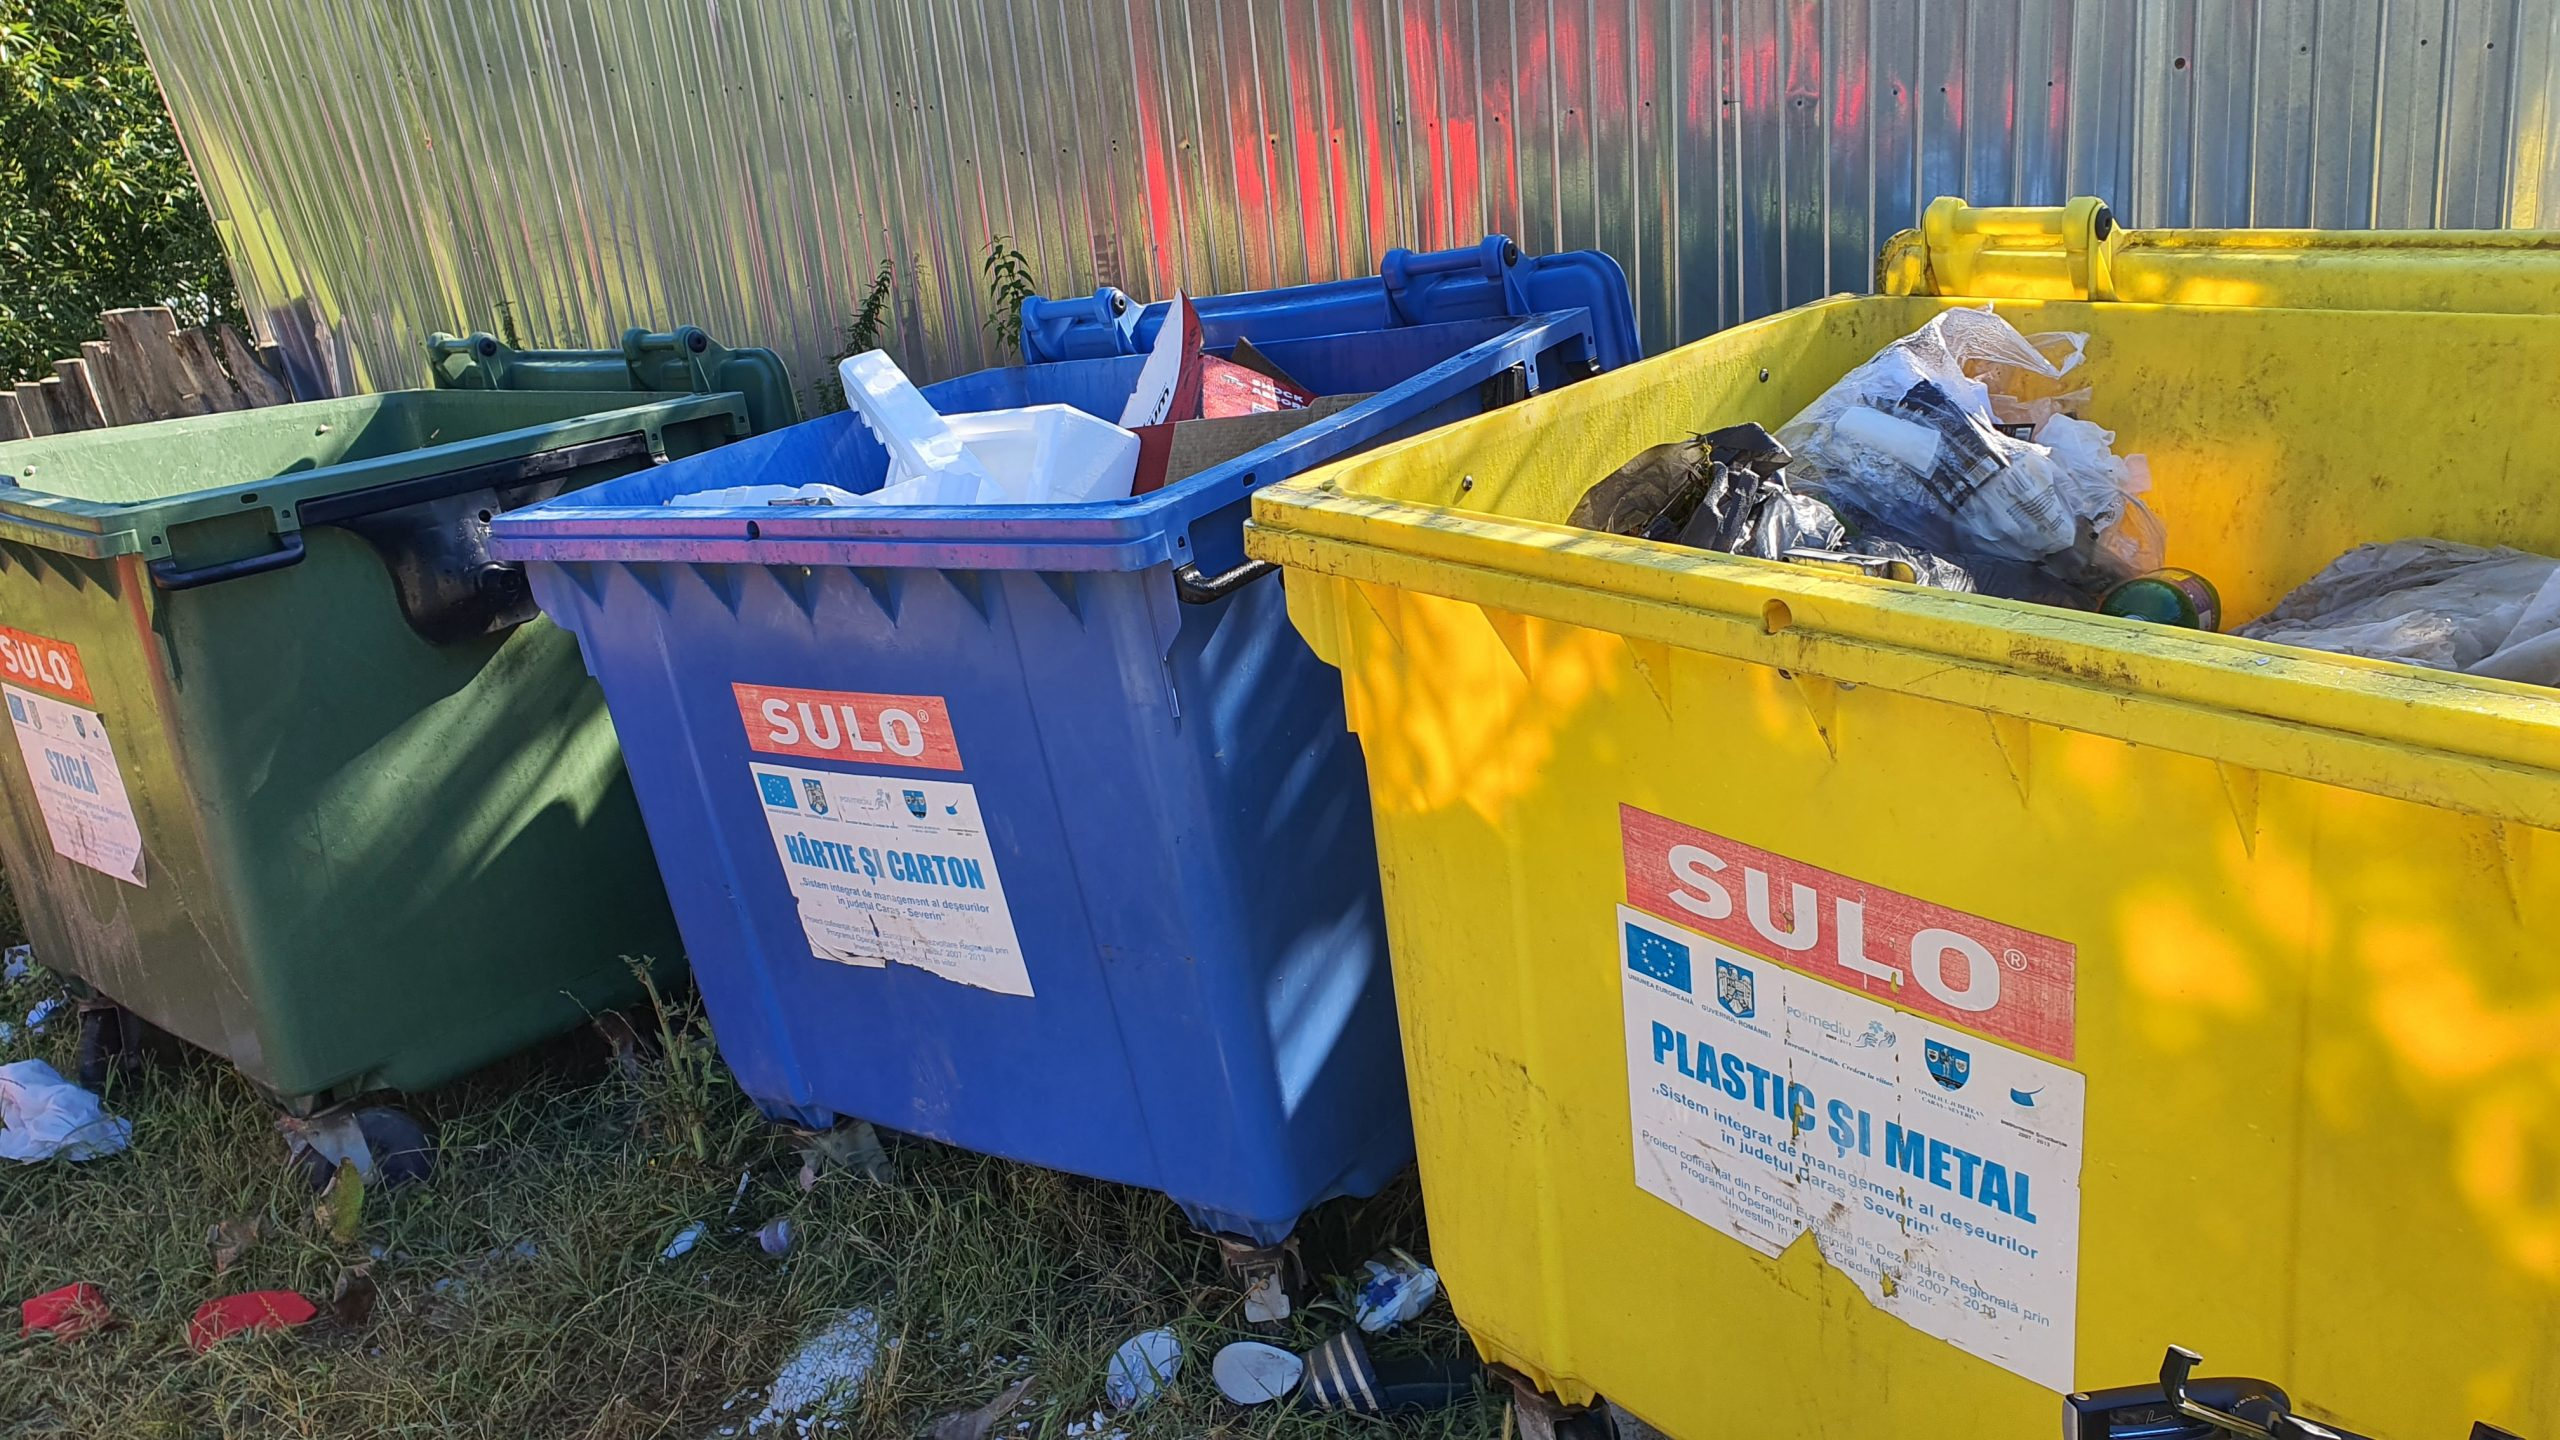 A apărut aplicația care îți permite să faci bani din deșeurile reciclabile